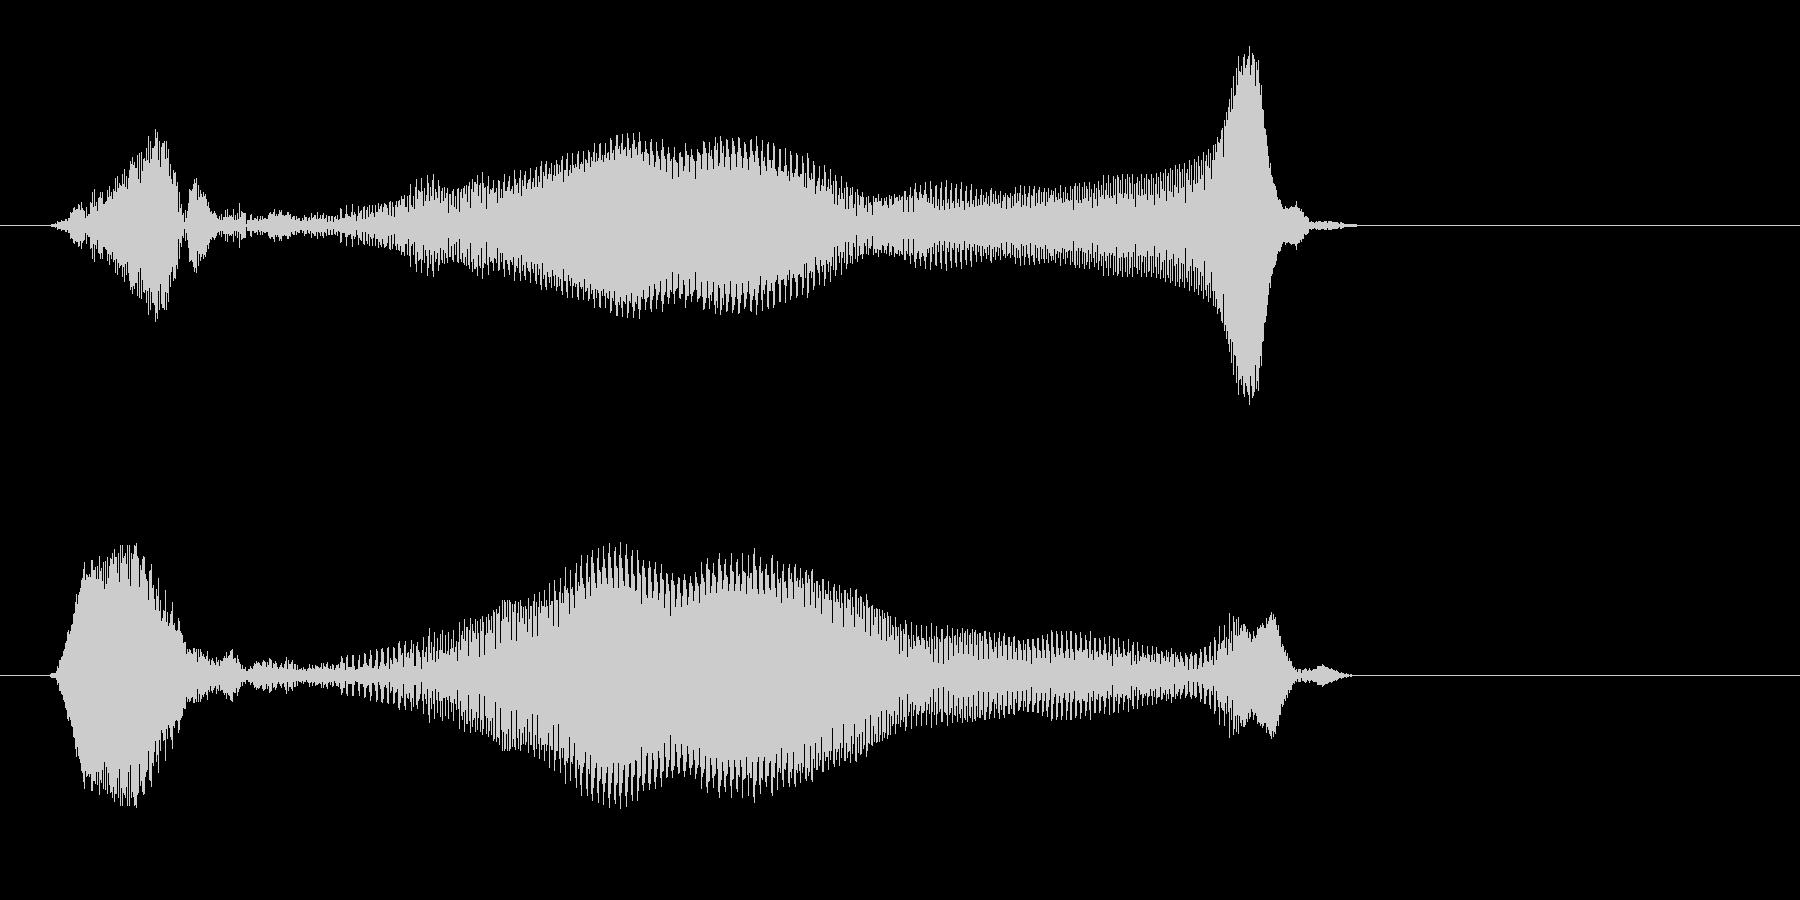 ミヤーッ(鳴き声系)の未再生の波形